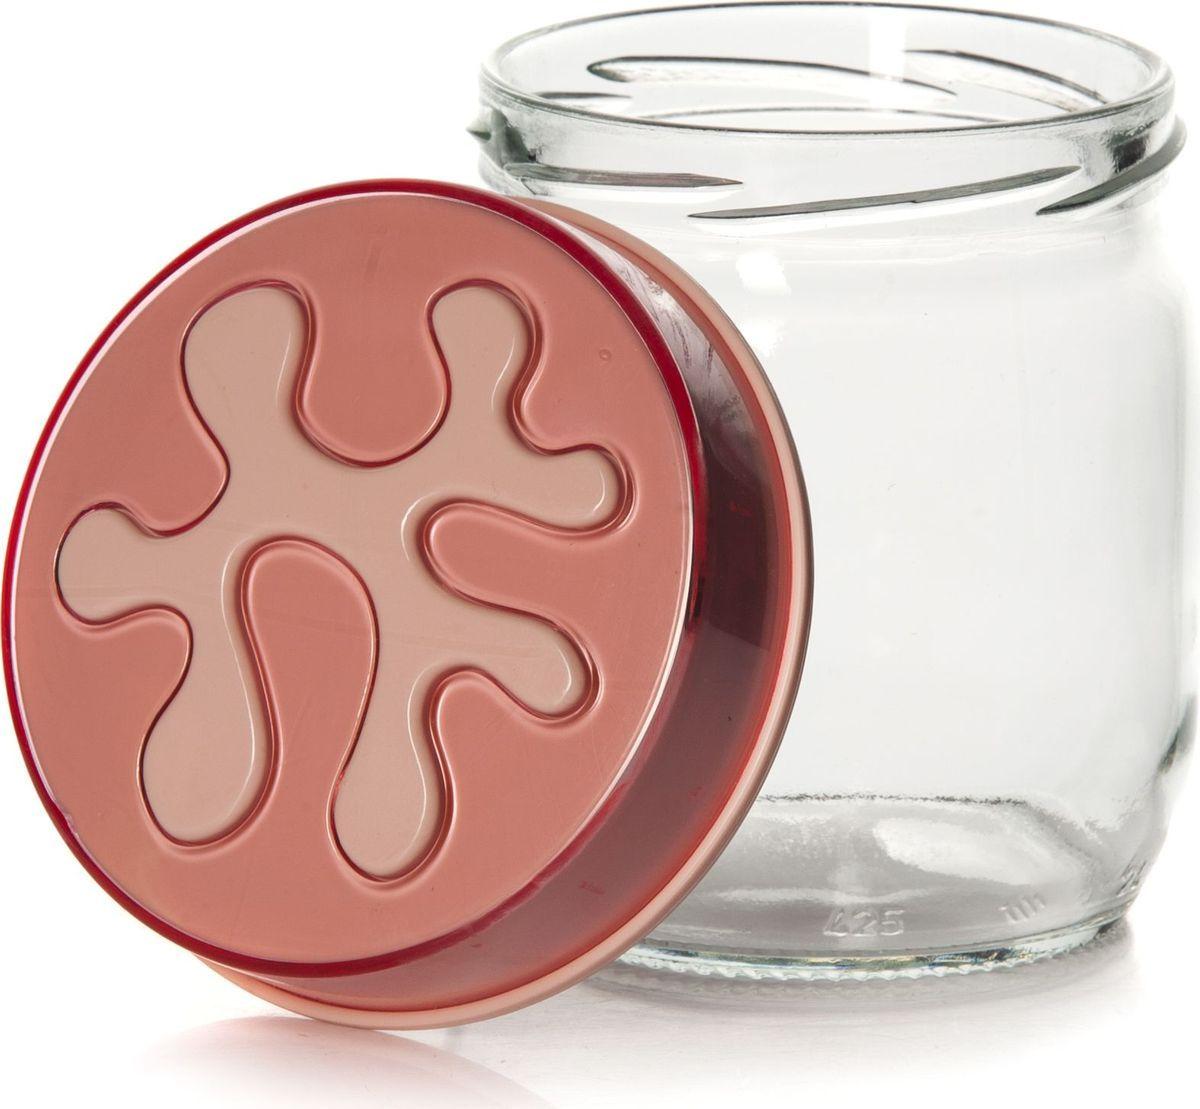 Банка для сыпучих продуктов Pasabahce, 425 мл. 135357-500135357-500Емкость прозрачная с цветной крышкой, V=425 мл, 90*90*100 мм